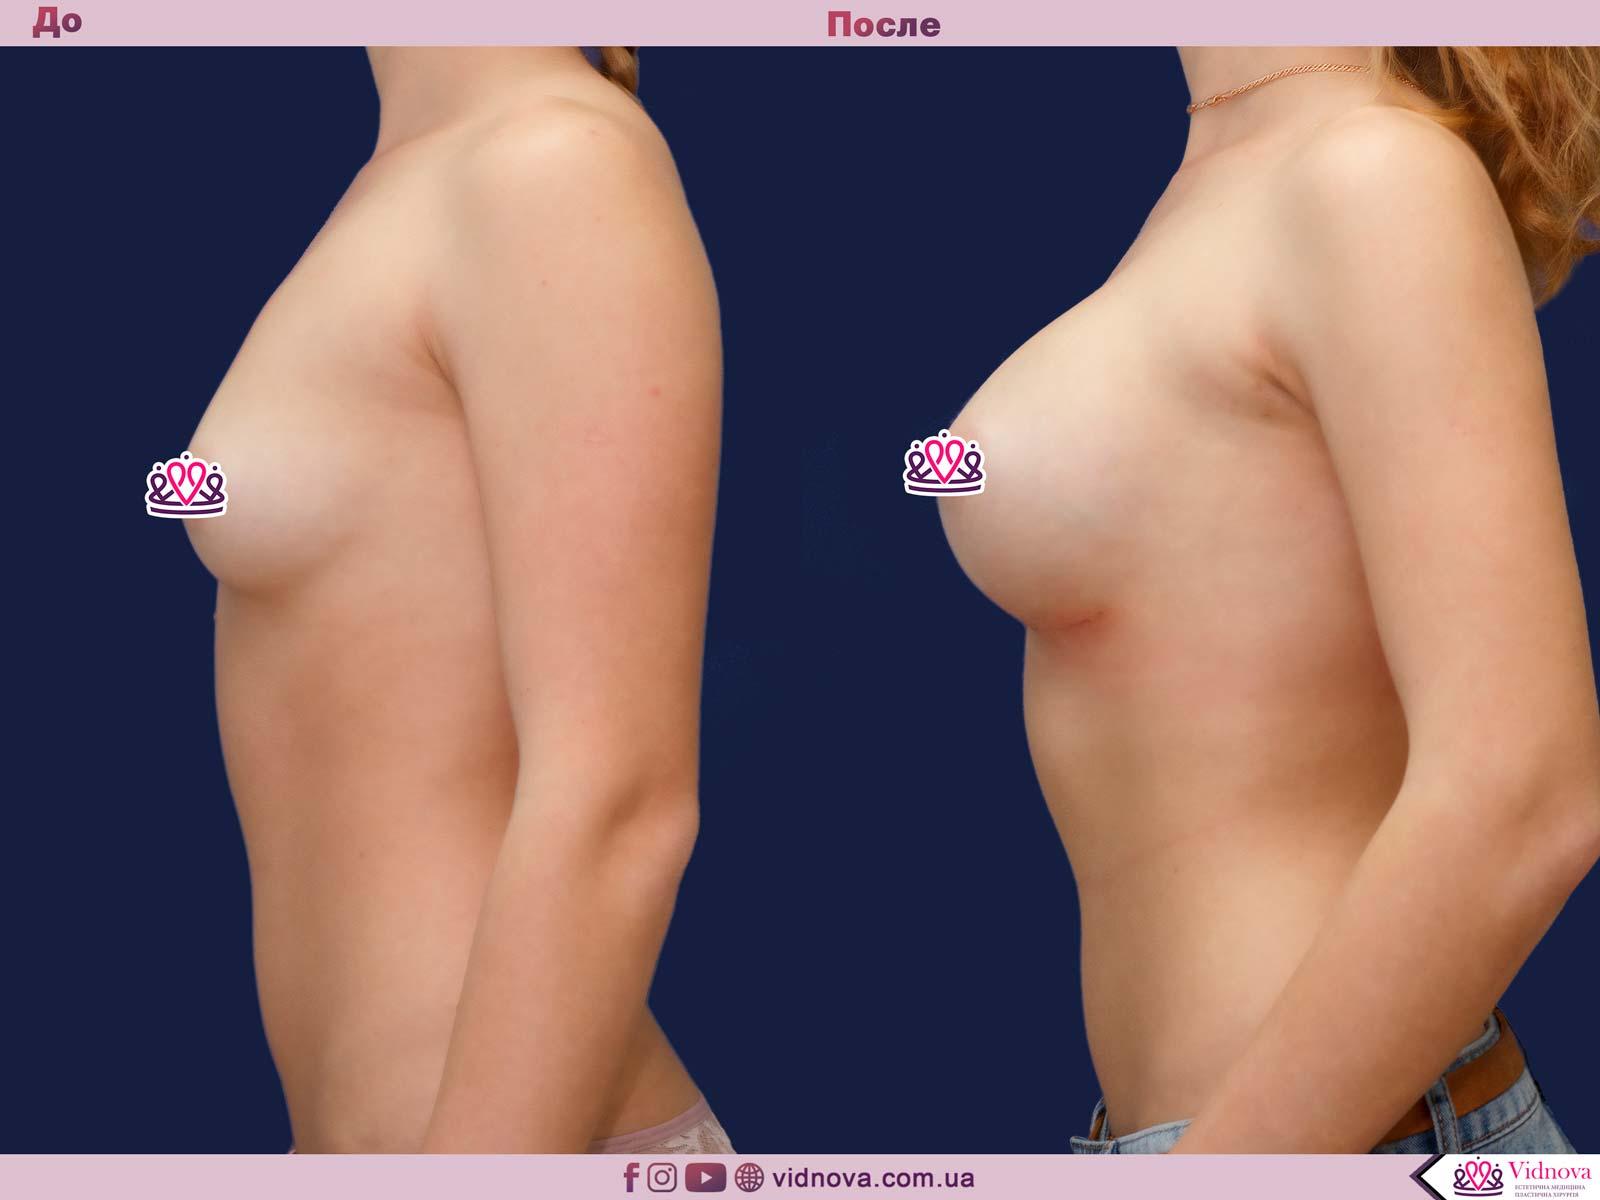 Пластика груди: результаты до и после - Пример №34-2 - Светлана Работенко